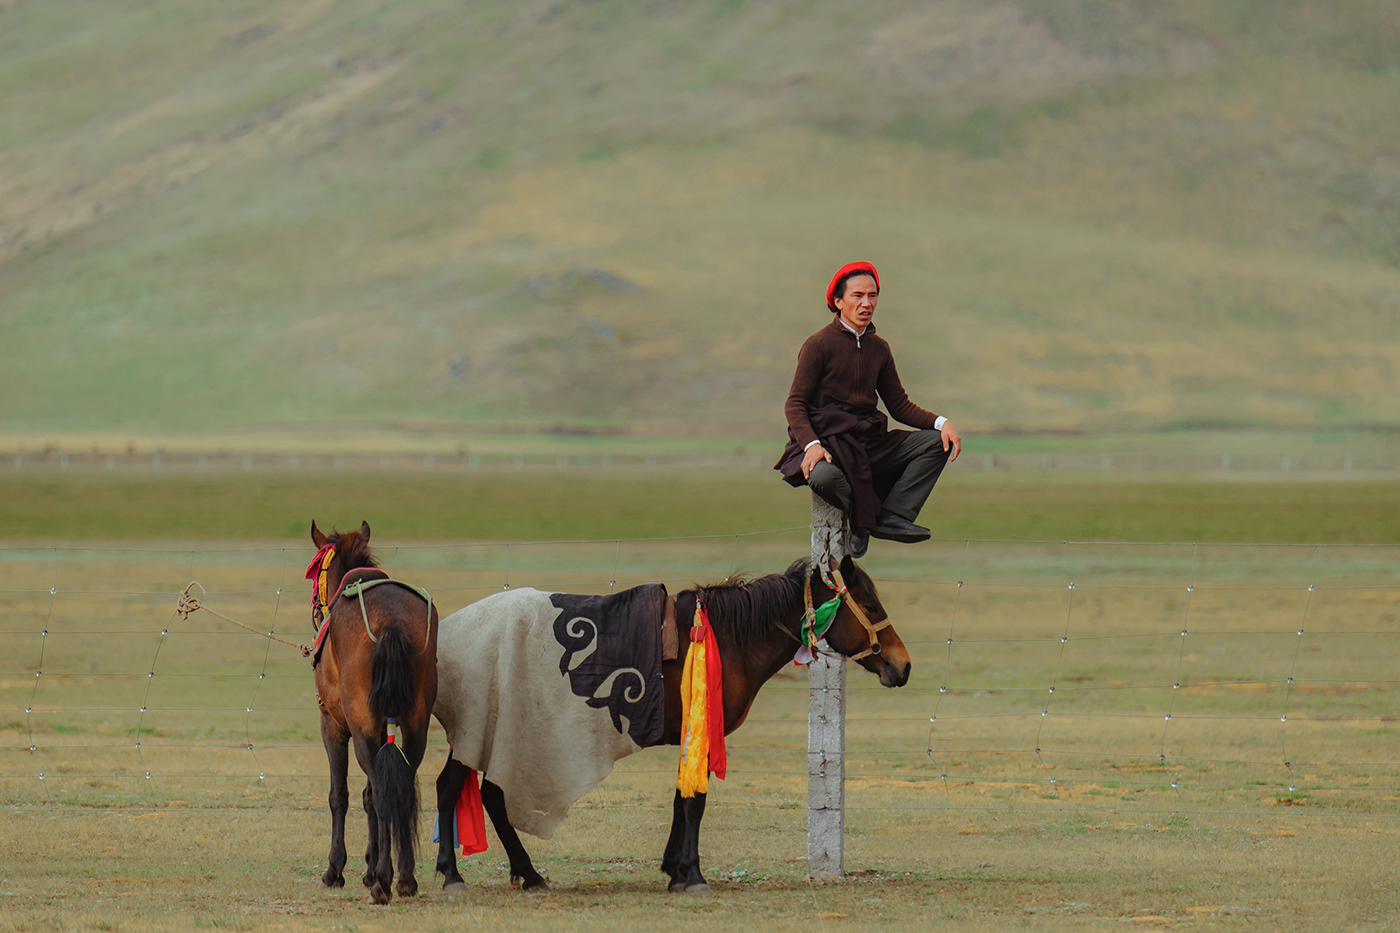 art humane Portraiture tibet Tibetan